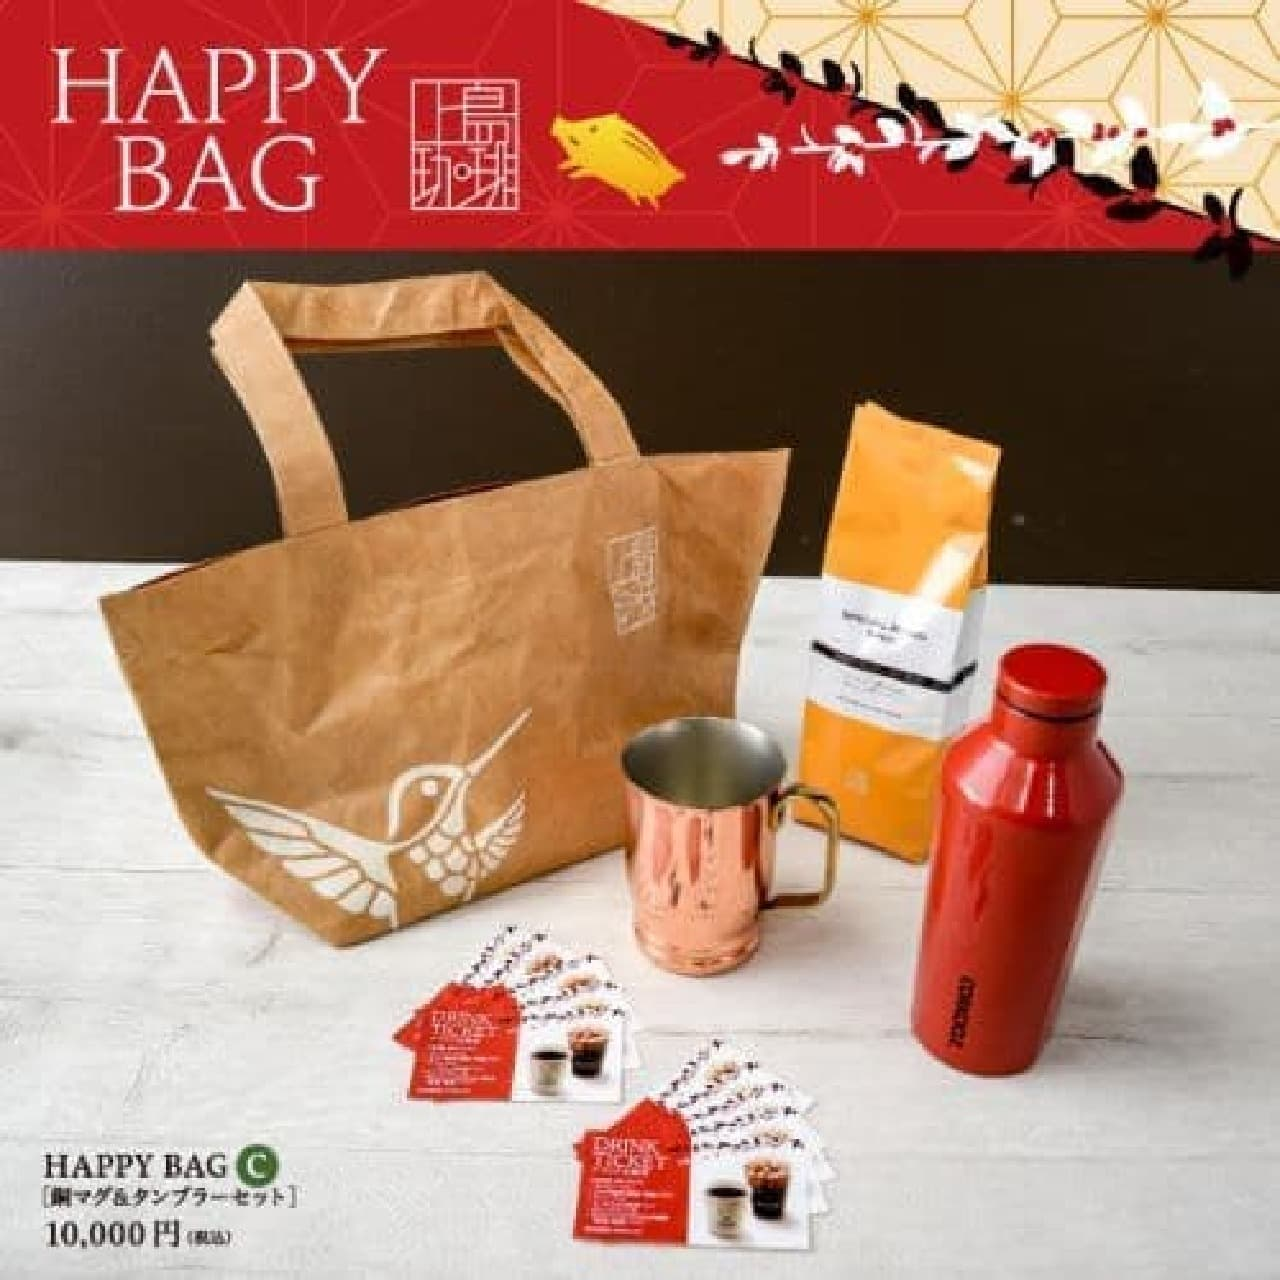 上島珈琲店のHAPPY BAG C「銅マグ&タンブラーセット」